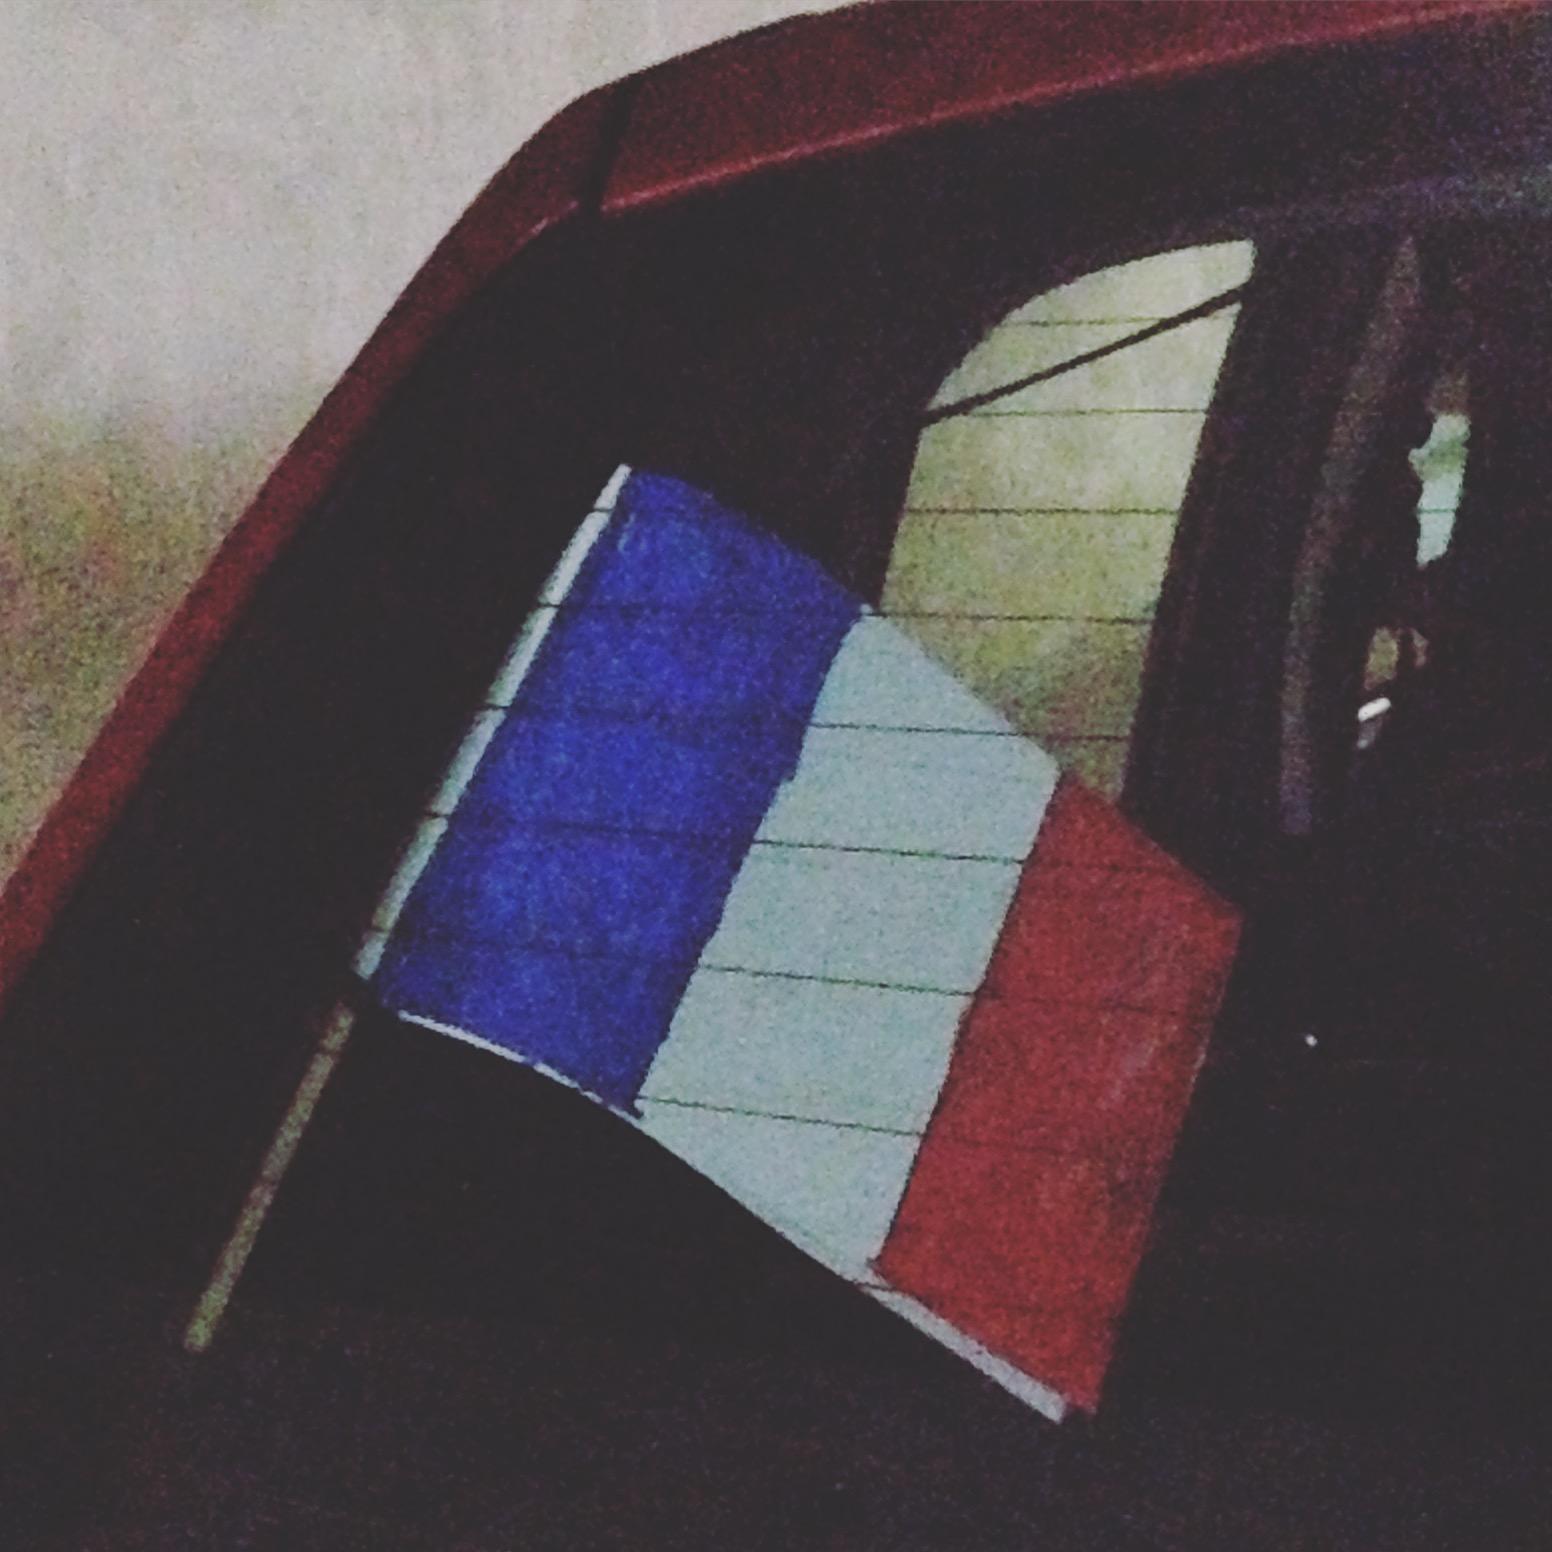 Une chambre à moi: du bleu, du blanc, du rouge